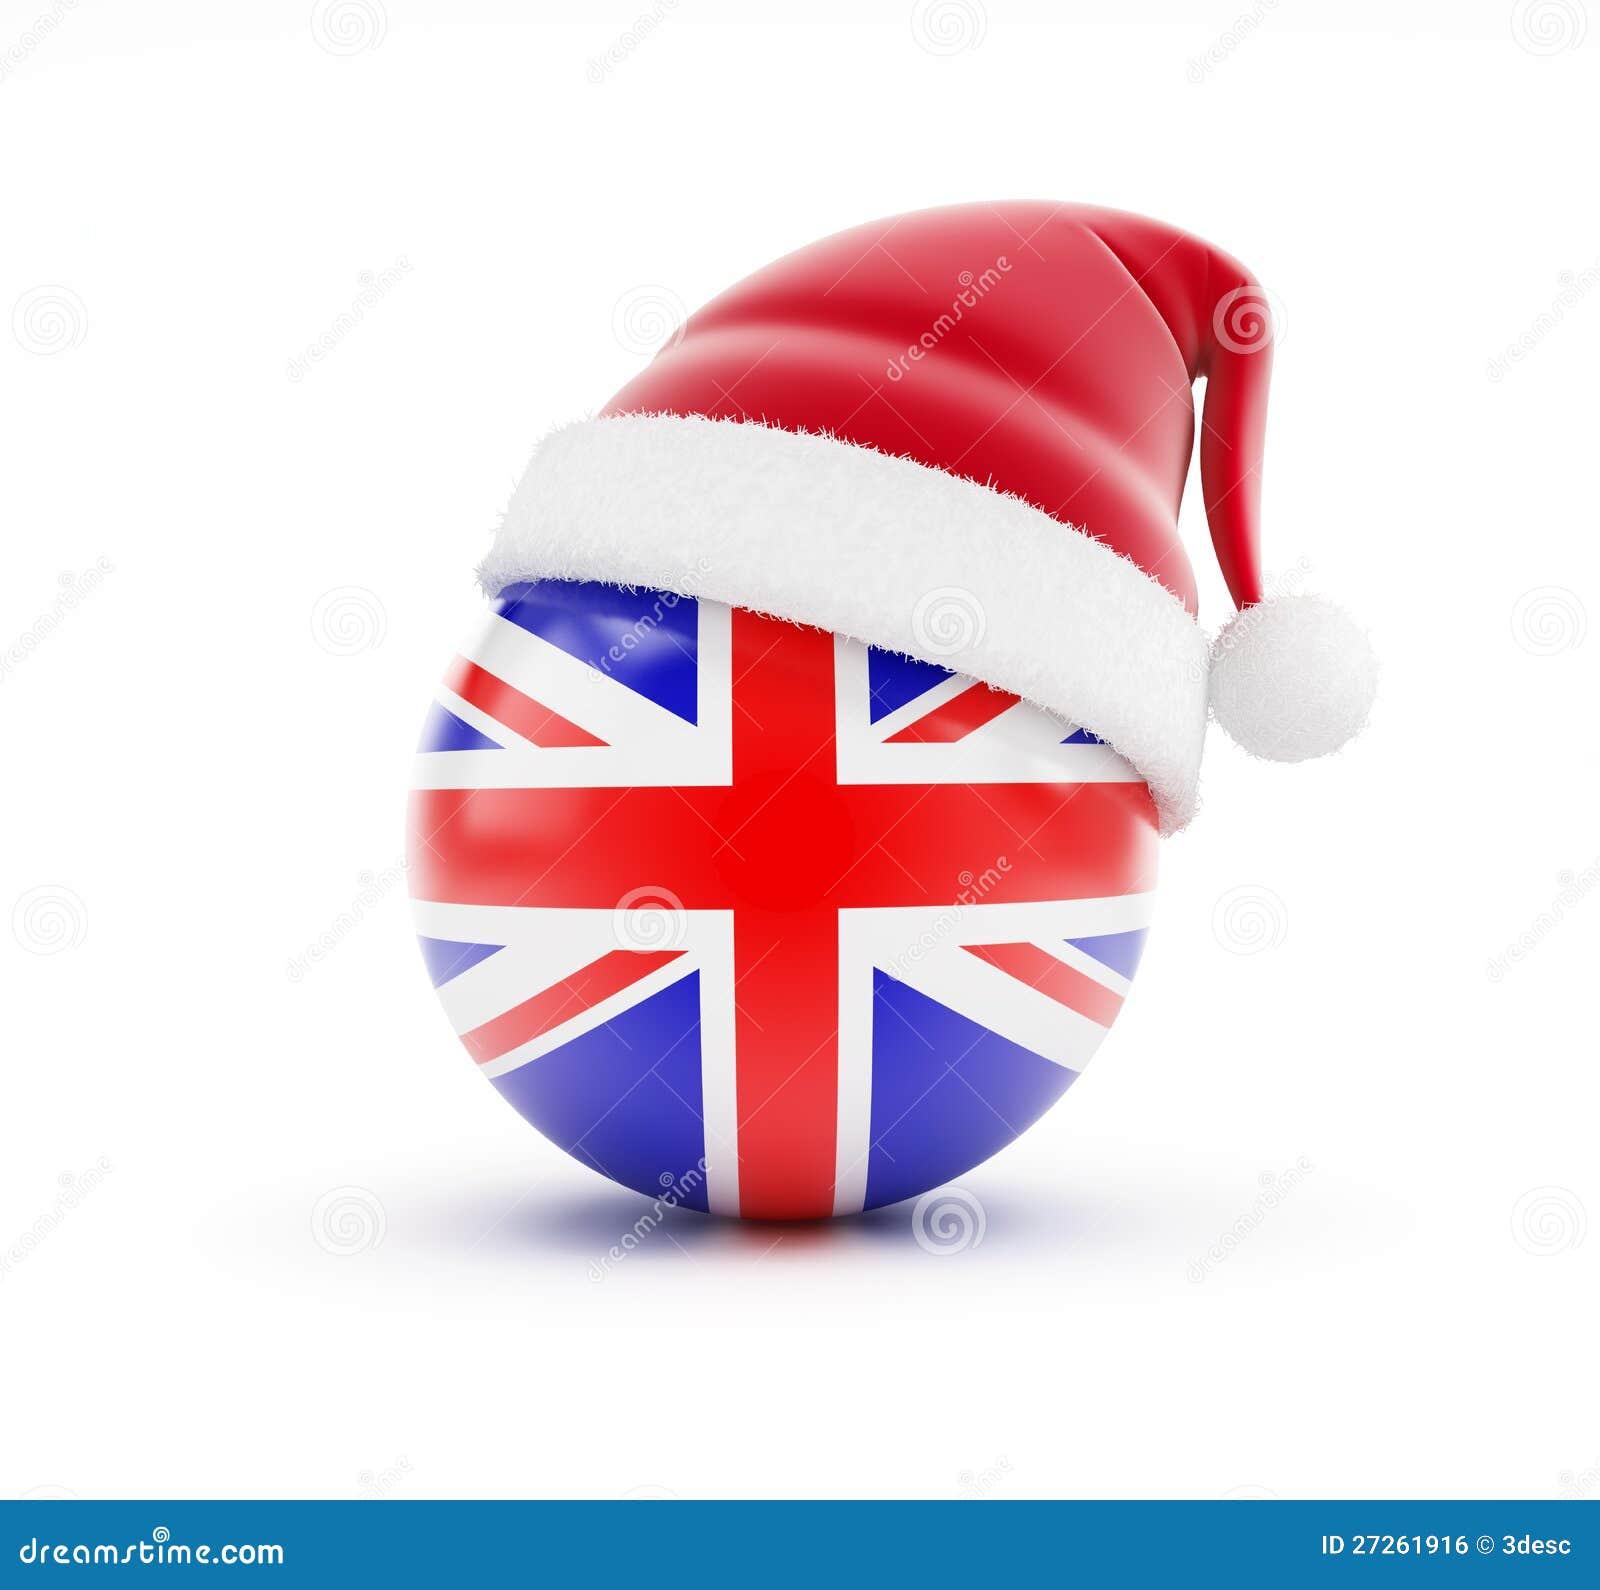 noel en angleterre Noël en Angleterre illustration stock. Illustration du  noel en angleterre